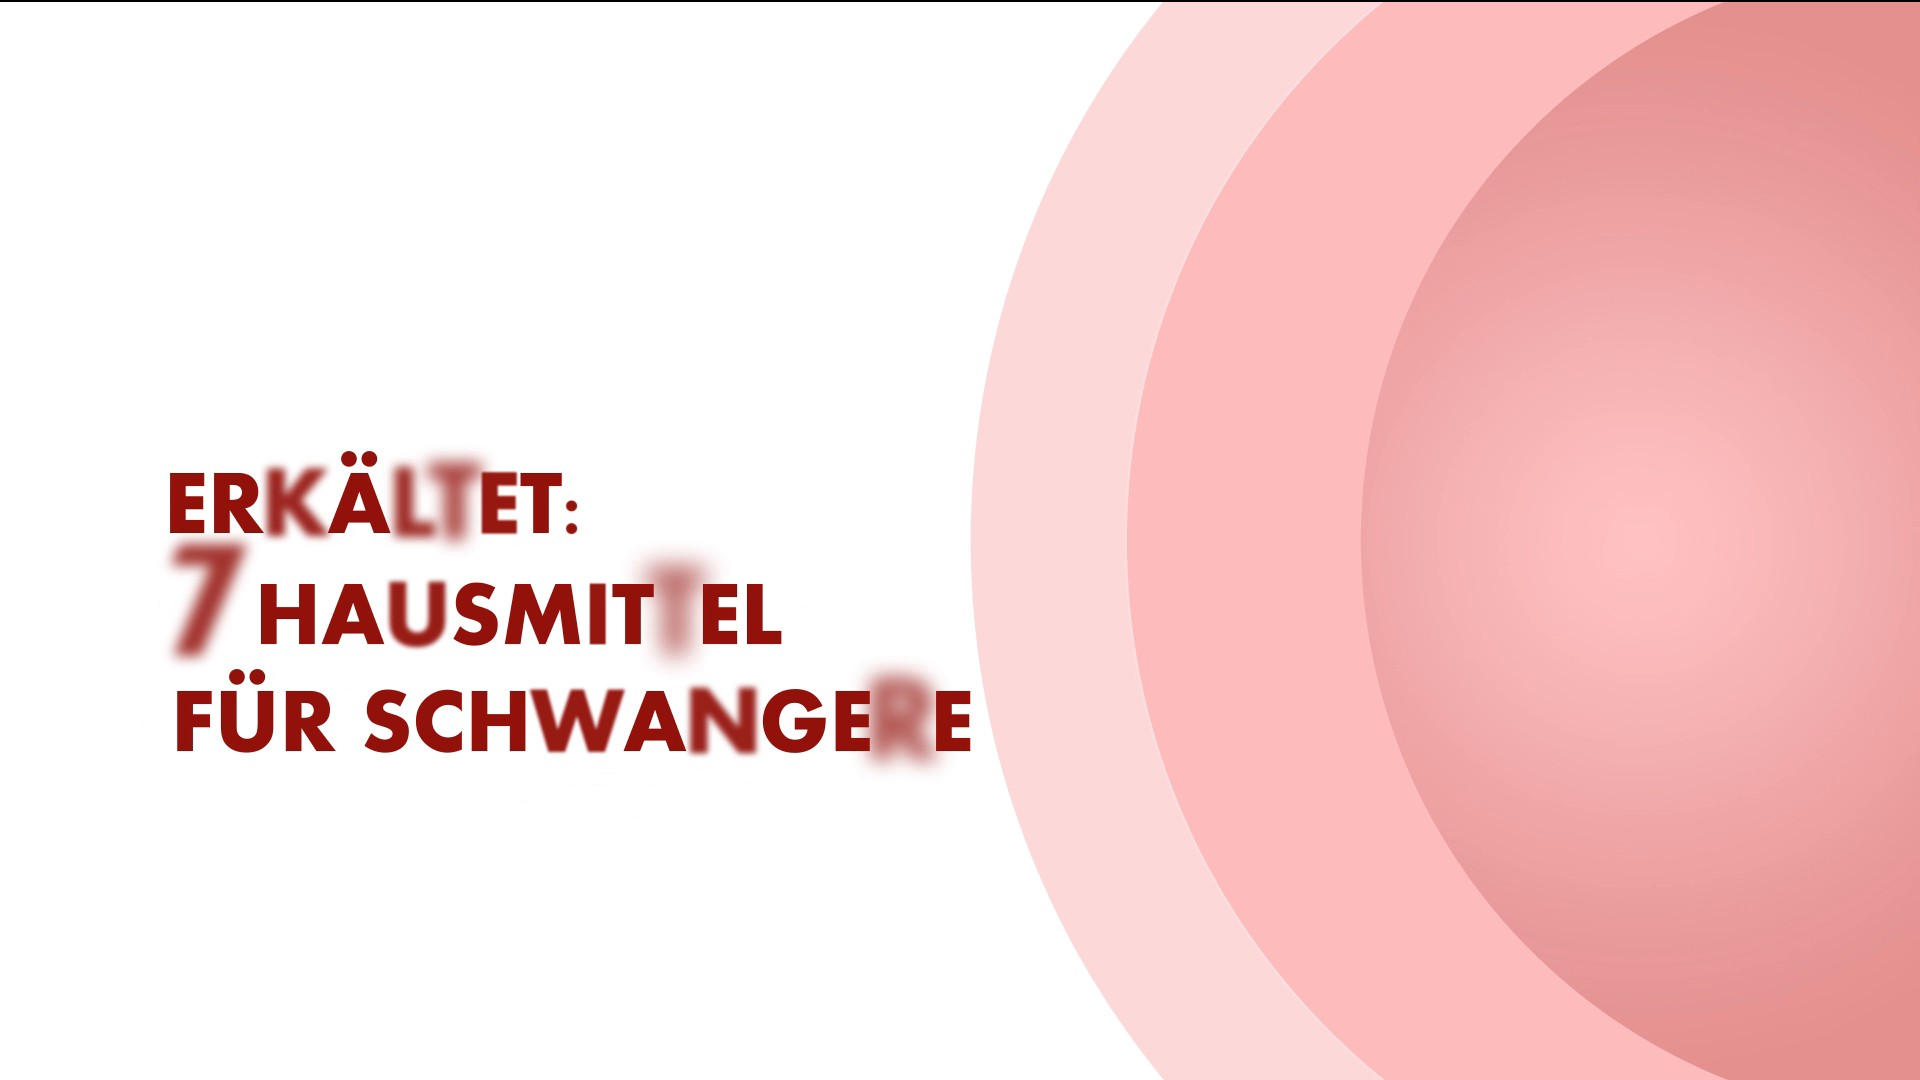 Erkältet_ 7 Hausmittel für Schwangere_EL.mp4: image 0